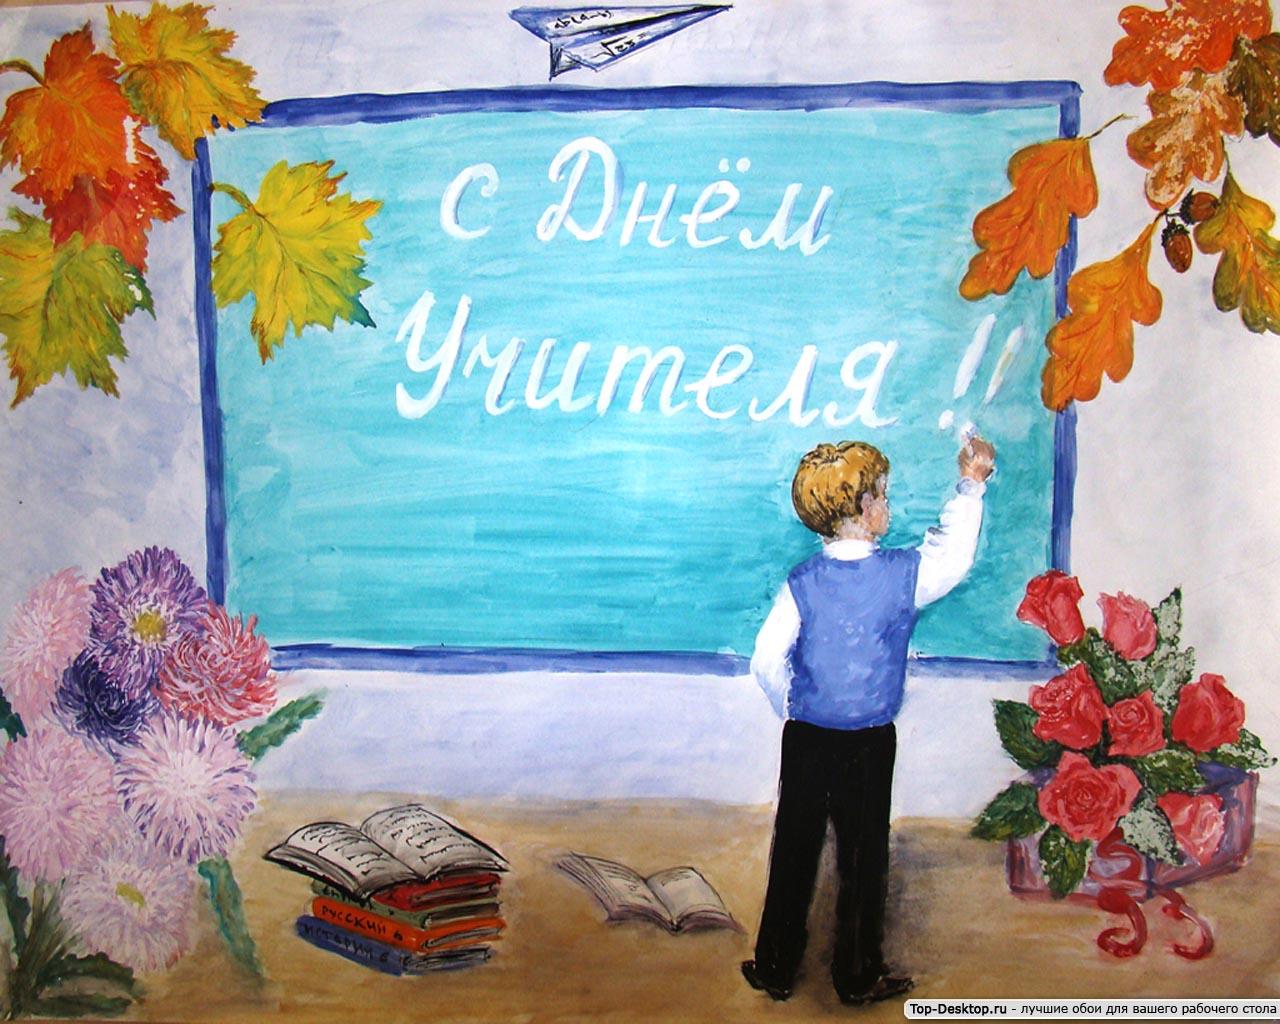 Презентация для поздравления на день учителя фото 193